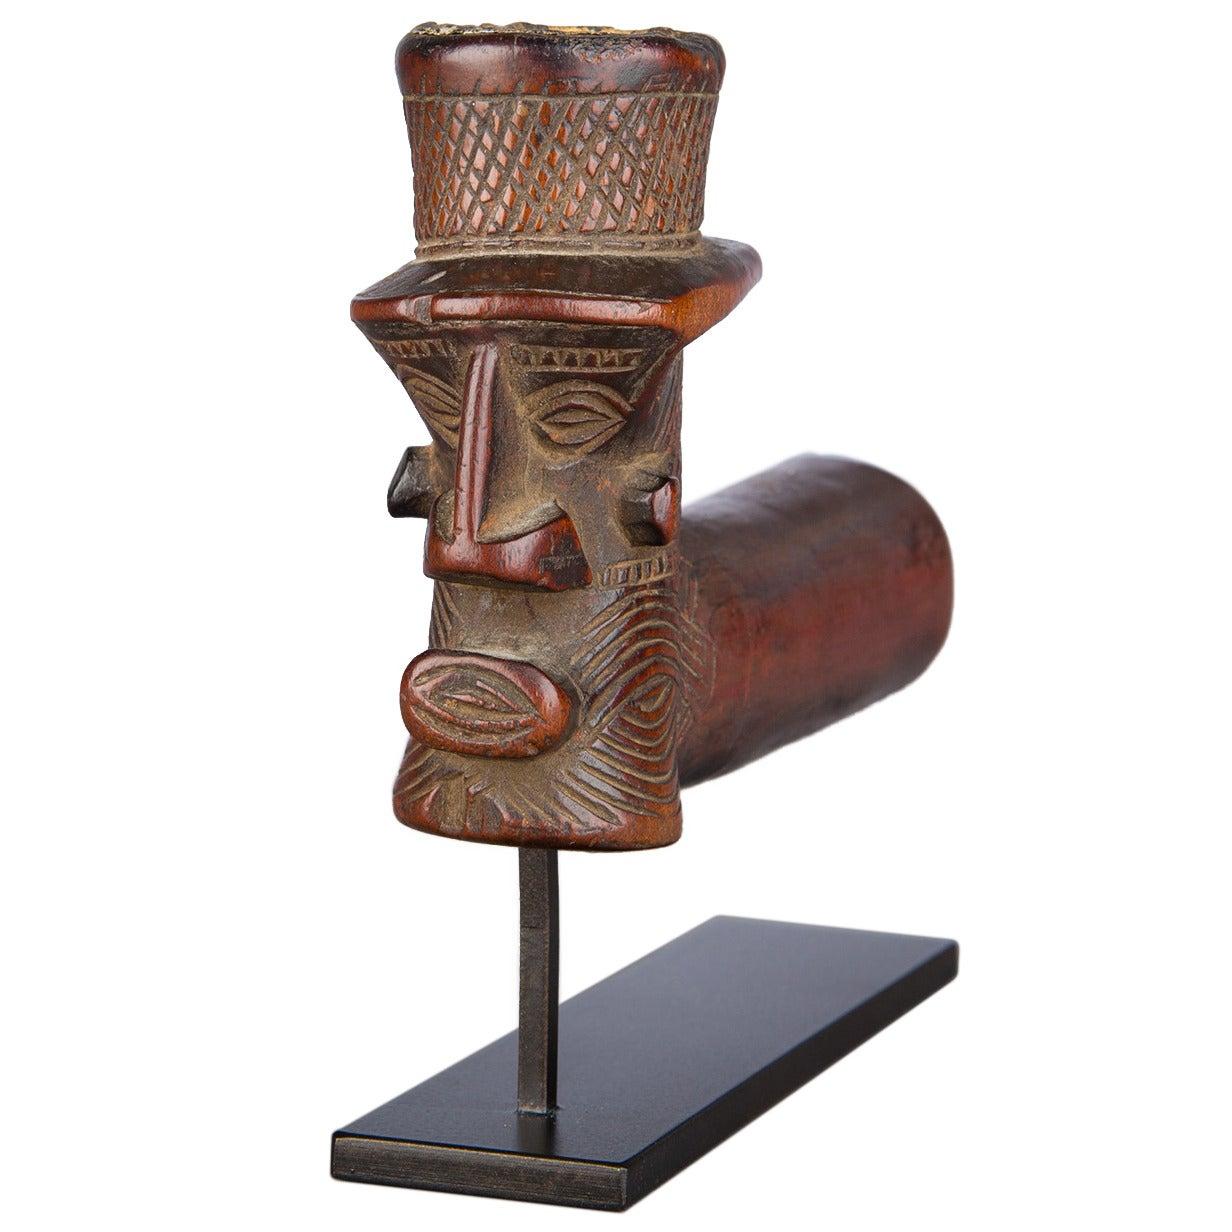 Early 20th Century Tribal Kuba or Binji Pipe, D.R. Congo For Sale